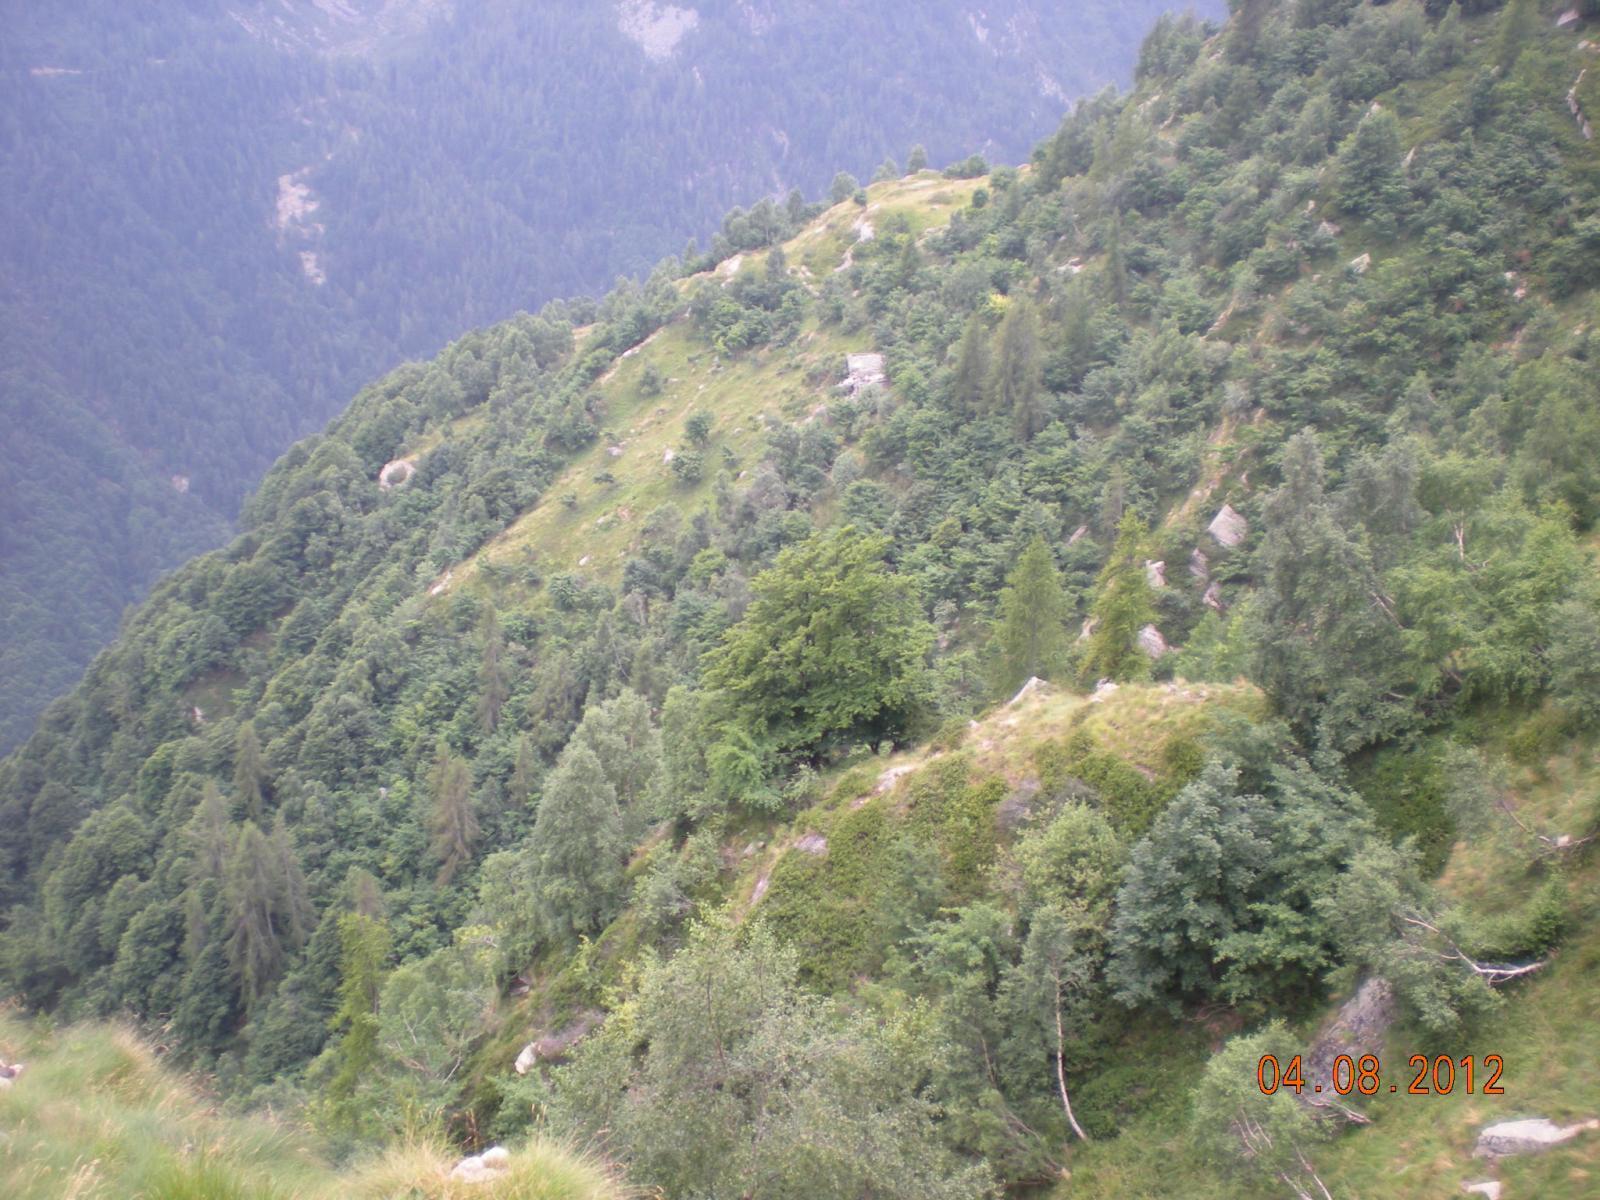 Giurà (Colma del) anello per Val Gronda e Val Sorba 2012-08-04